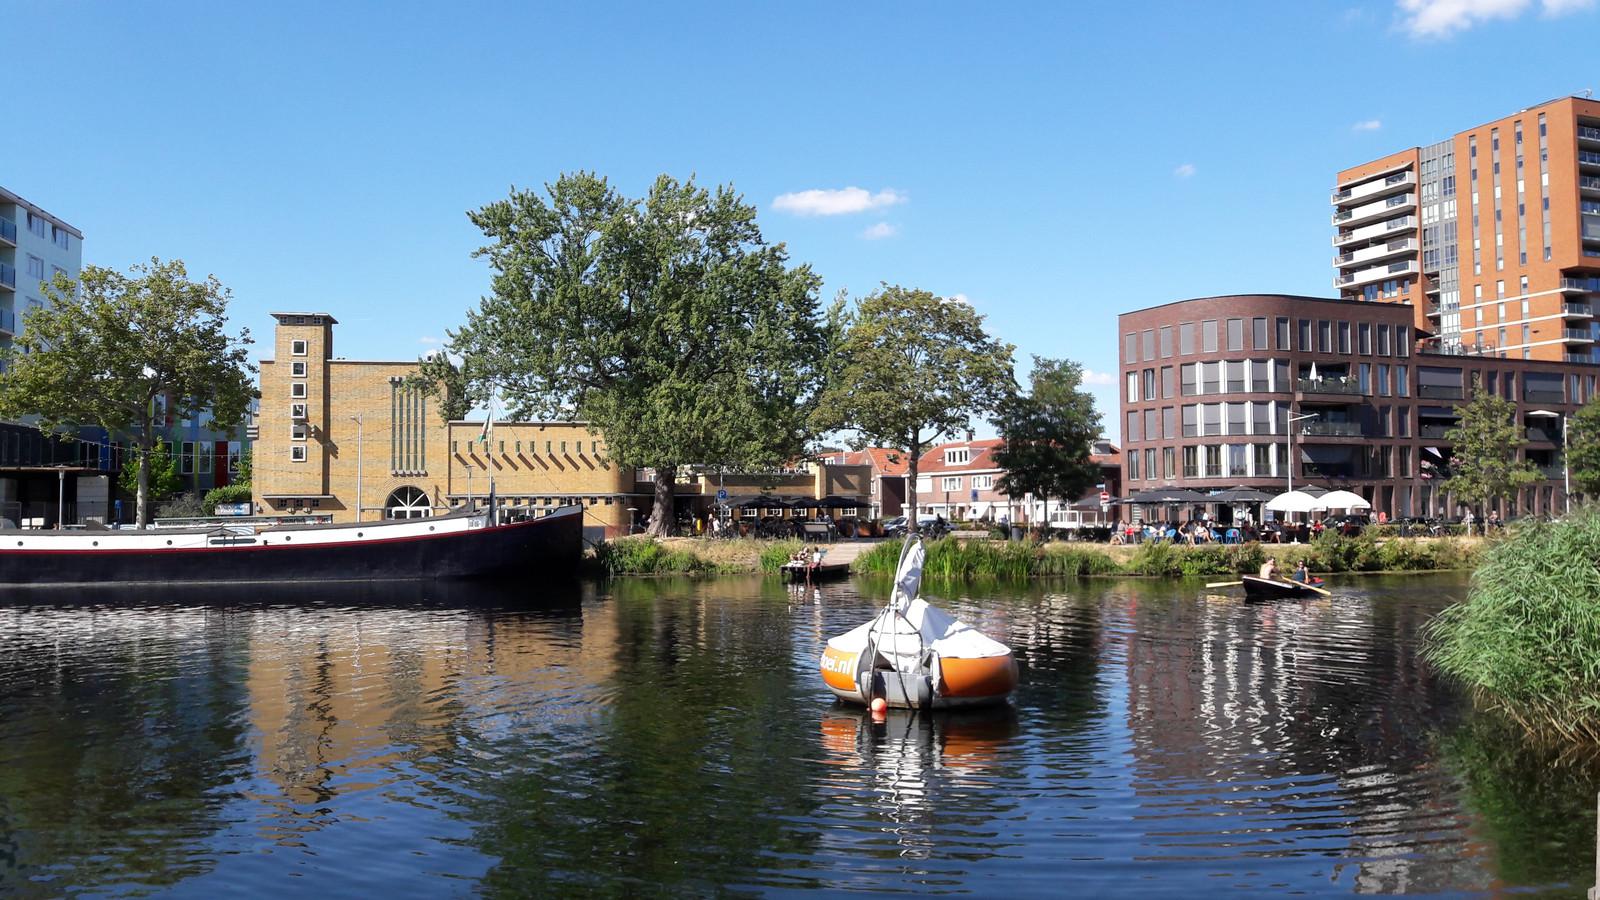 Stadsbrouwerij 013 zit in het oude bedrijfspand van graan- en meelhandel Van Loon.